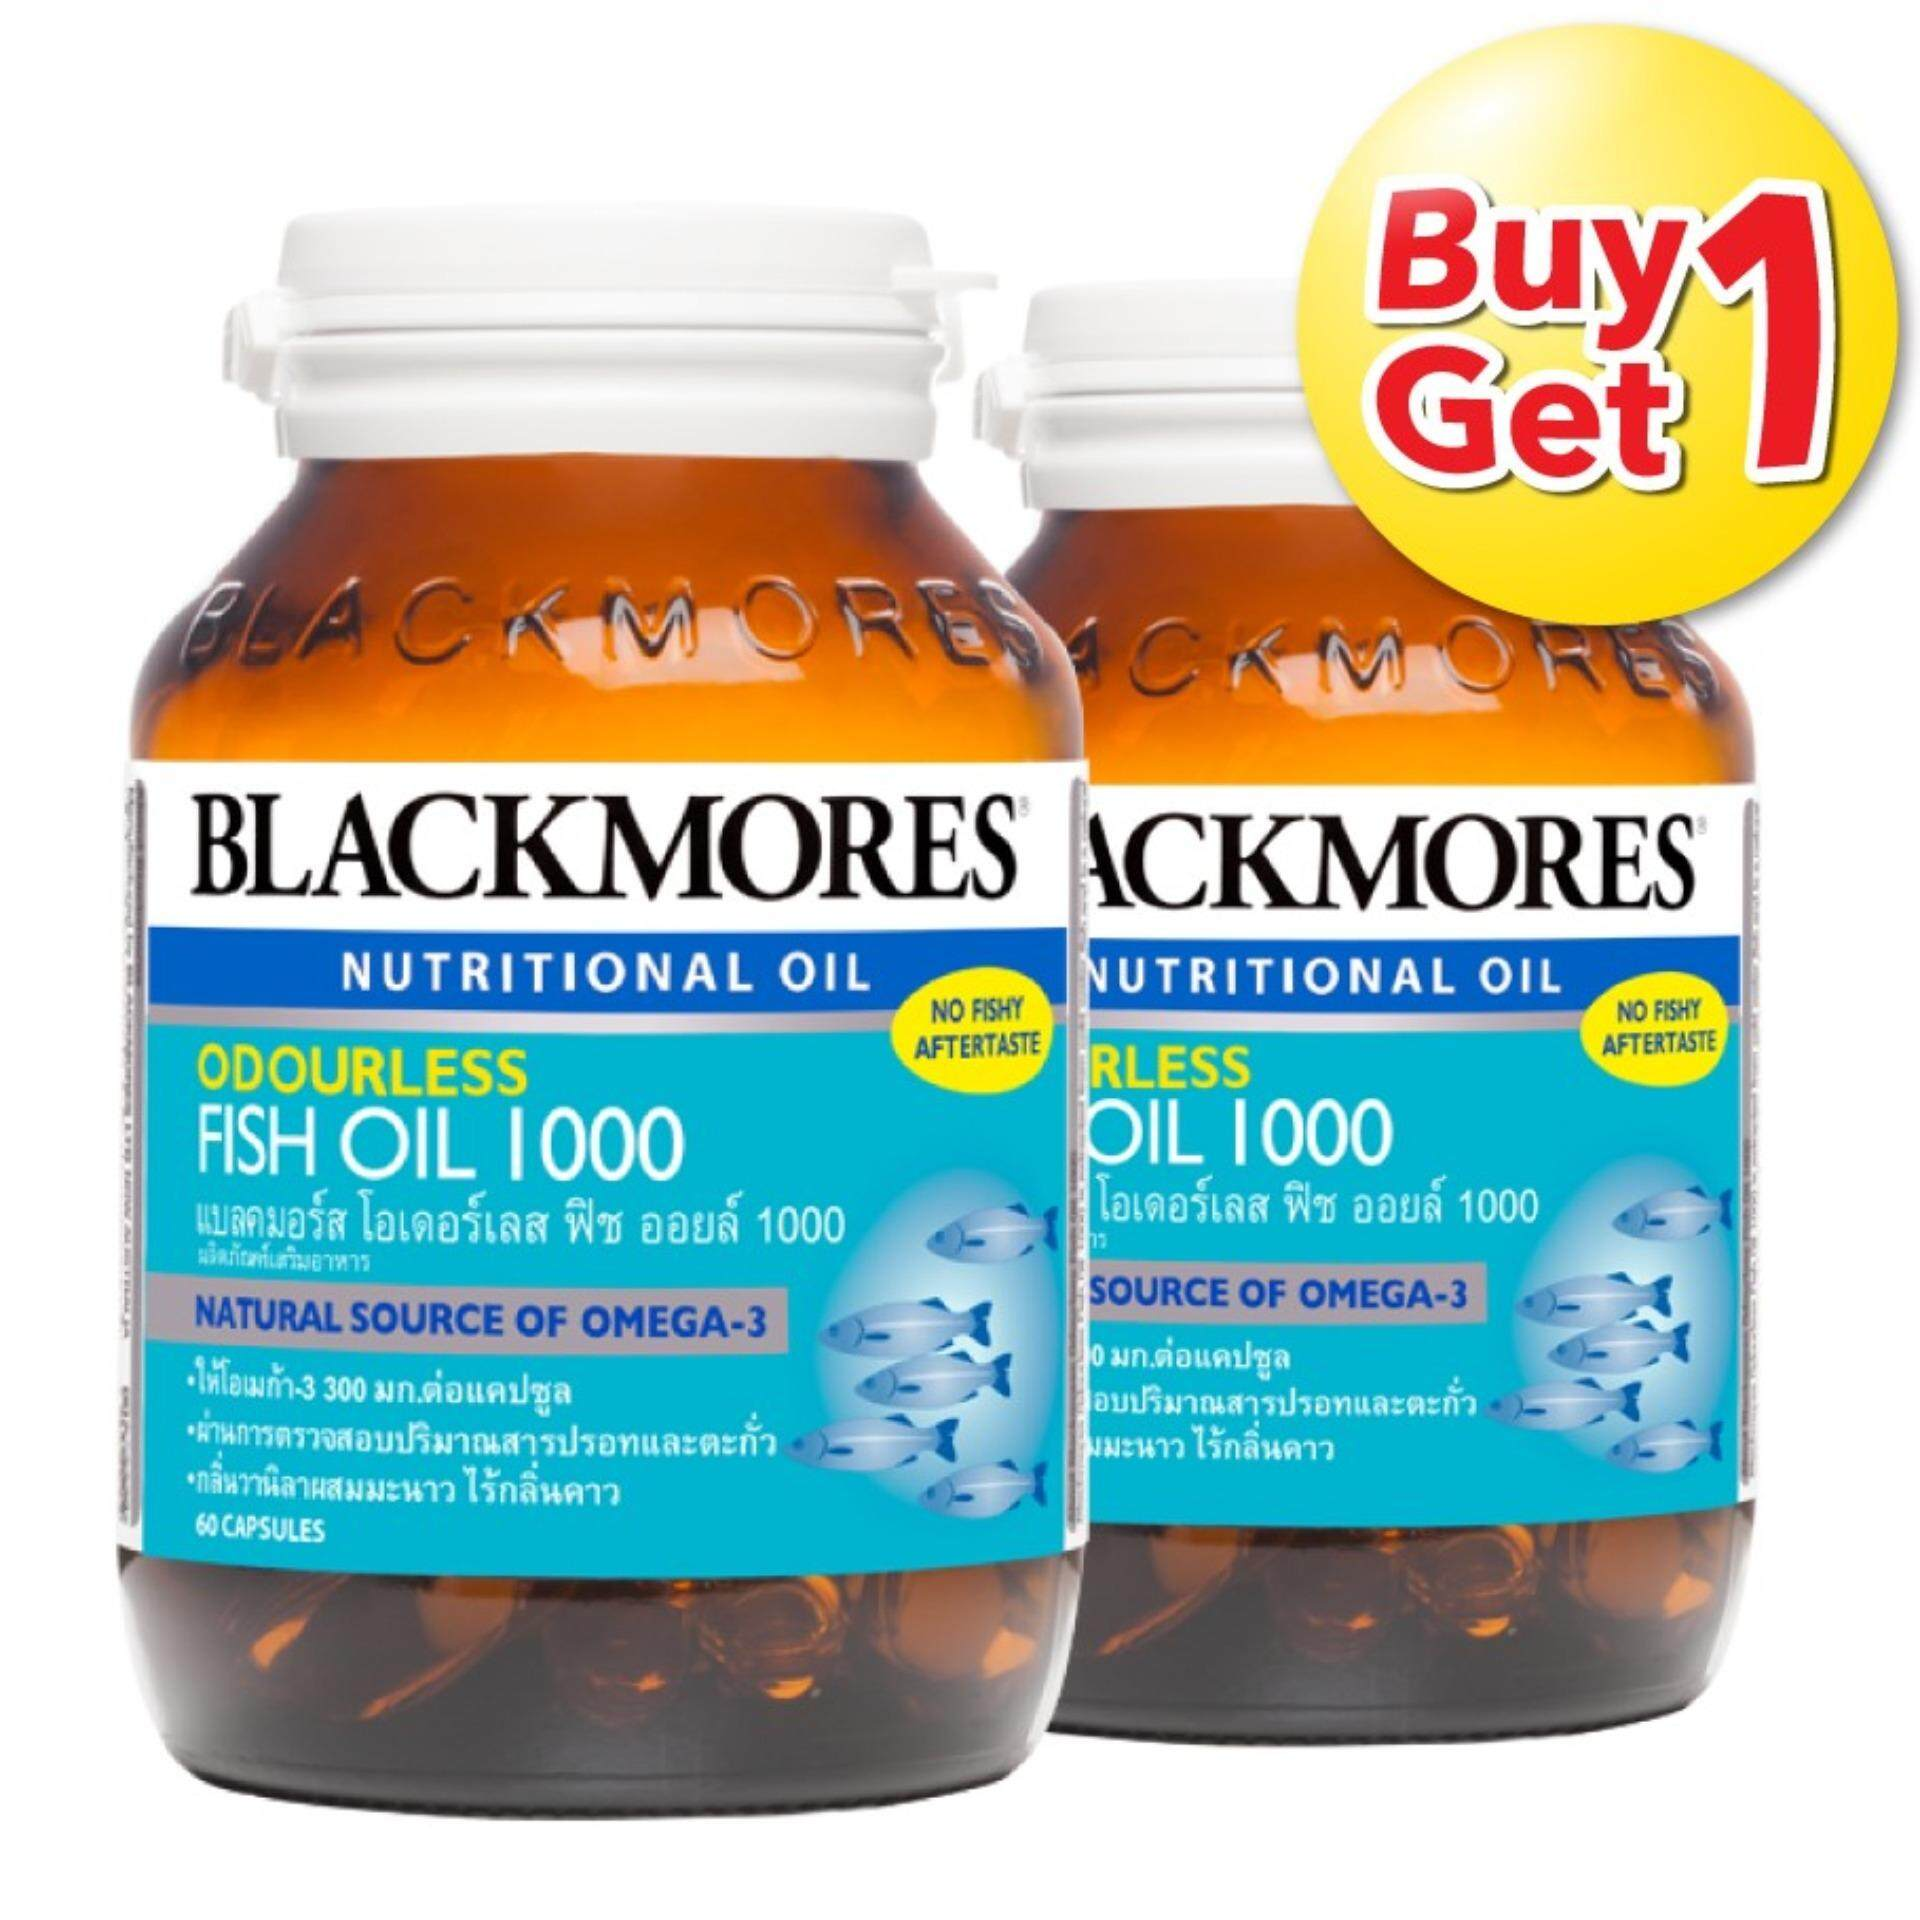 ขาย Blackmores โอเดอร์เลส ฟิช ออยล์ 1000 มก ขนาด 60 เม็ดX2 Blackmores เป็นต้นฉบับ